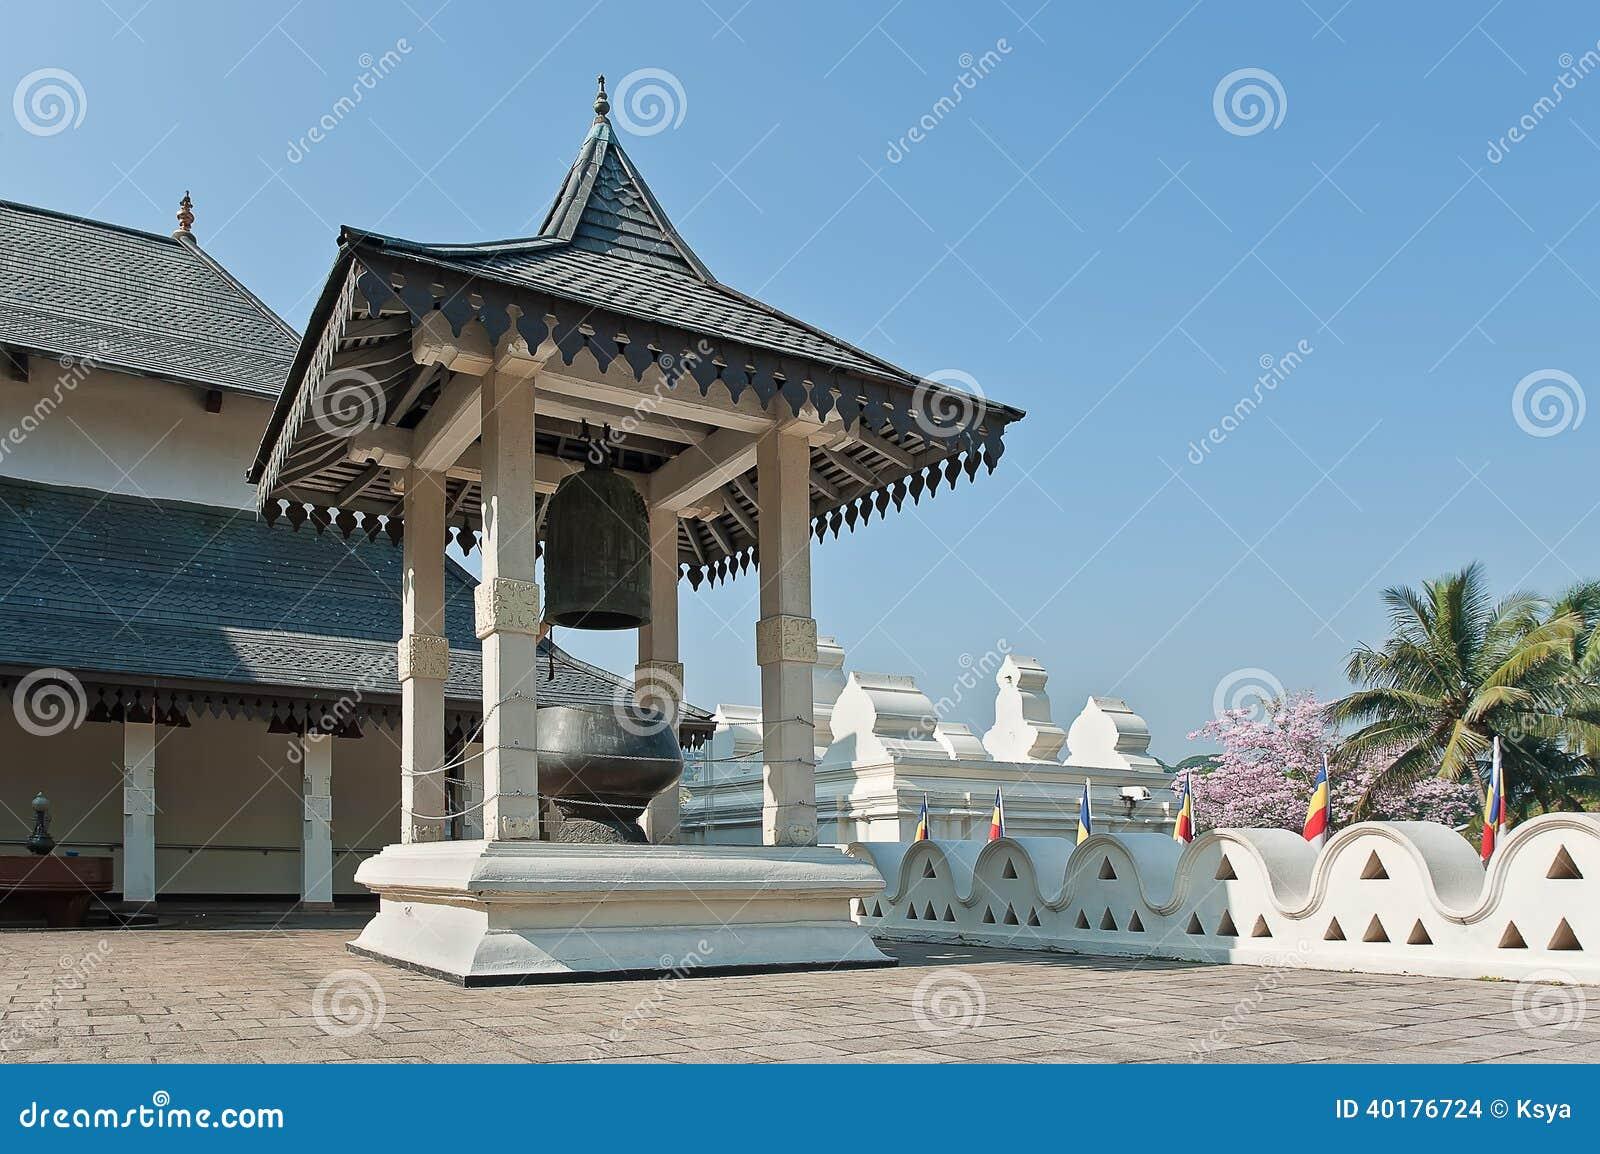 Εσωτερικά κτήρια του βουδιστικού ναού του λειψάνου δοντιών σε Kandy, Σρι Λάνκα.